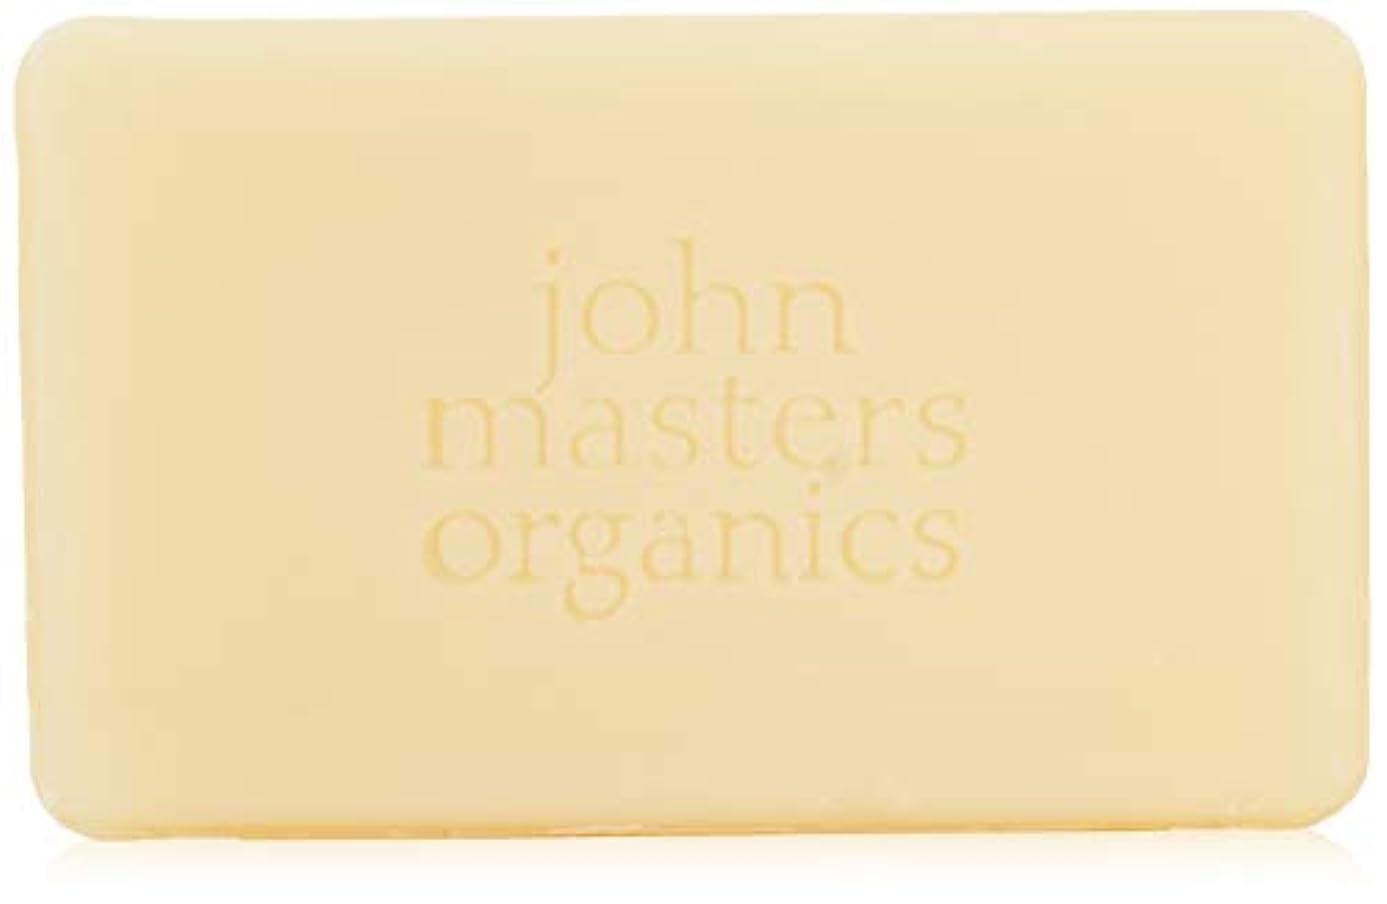 与える毎月余分なジョンマスターオーガニック ラベンダーローズゼラニウム&イランイランソープ 128g